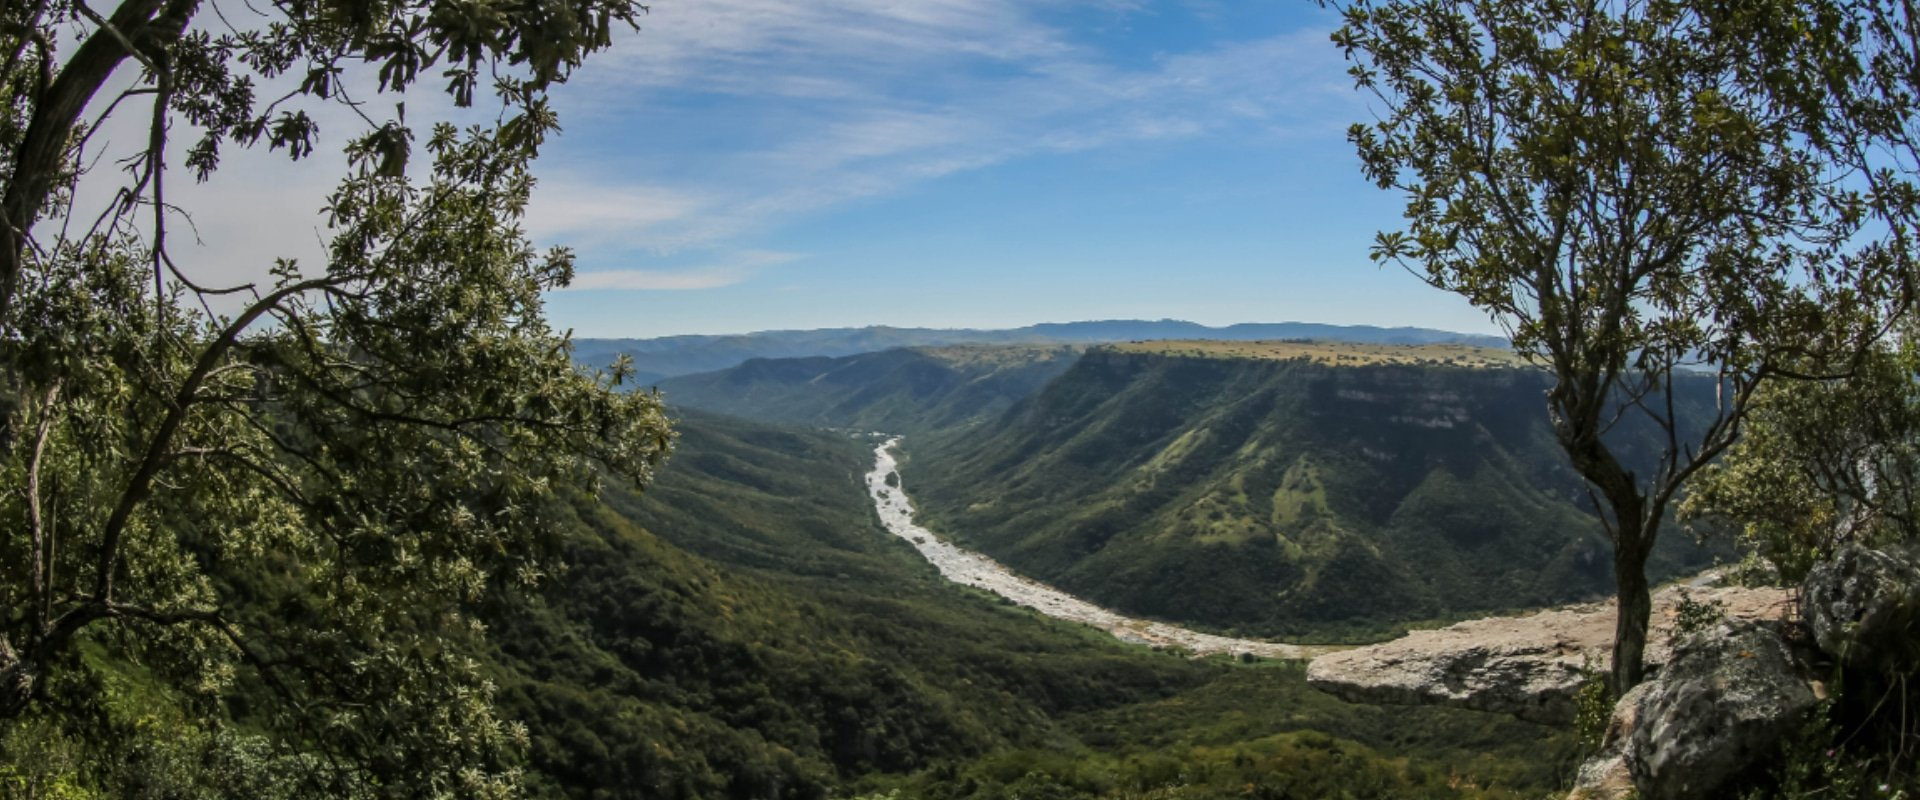 Hike in the Oribi Gorge